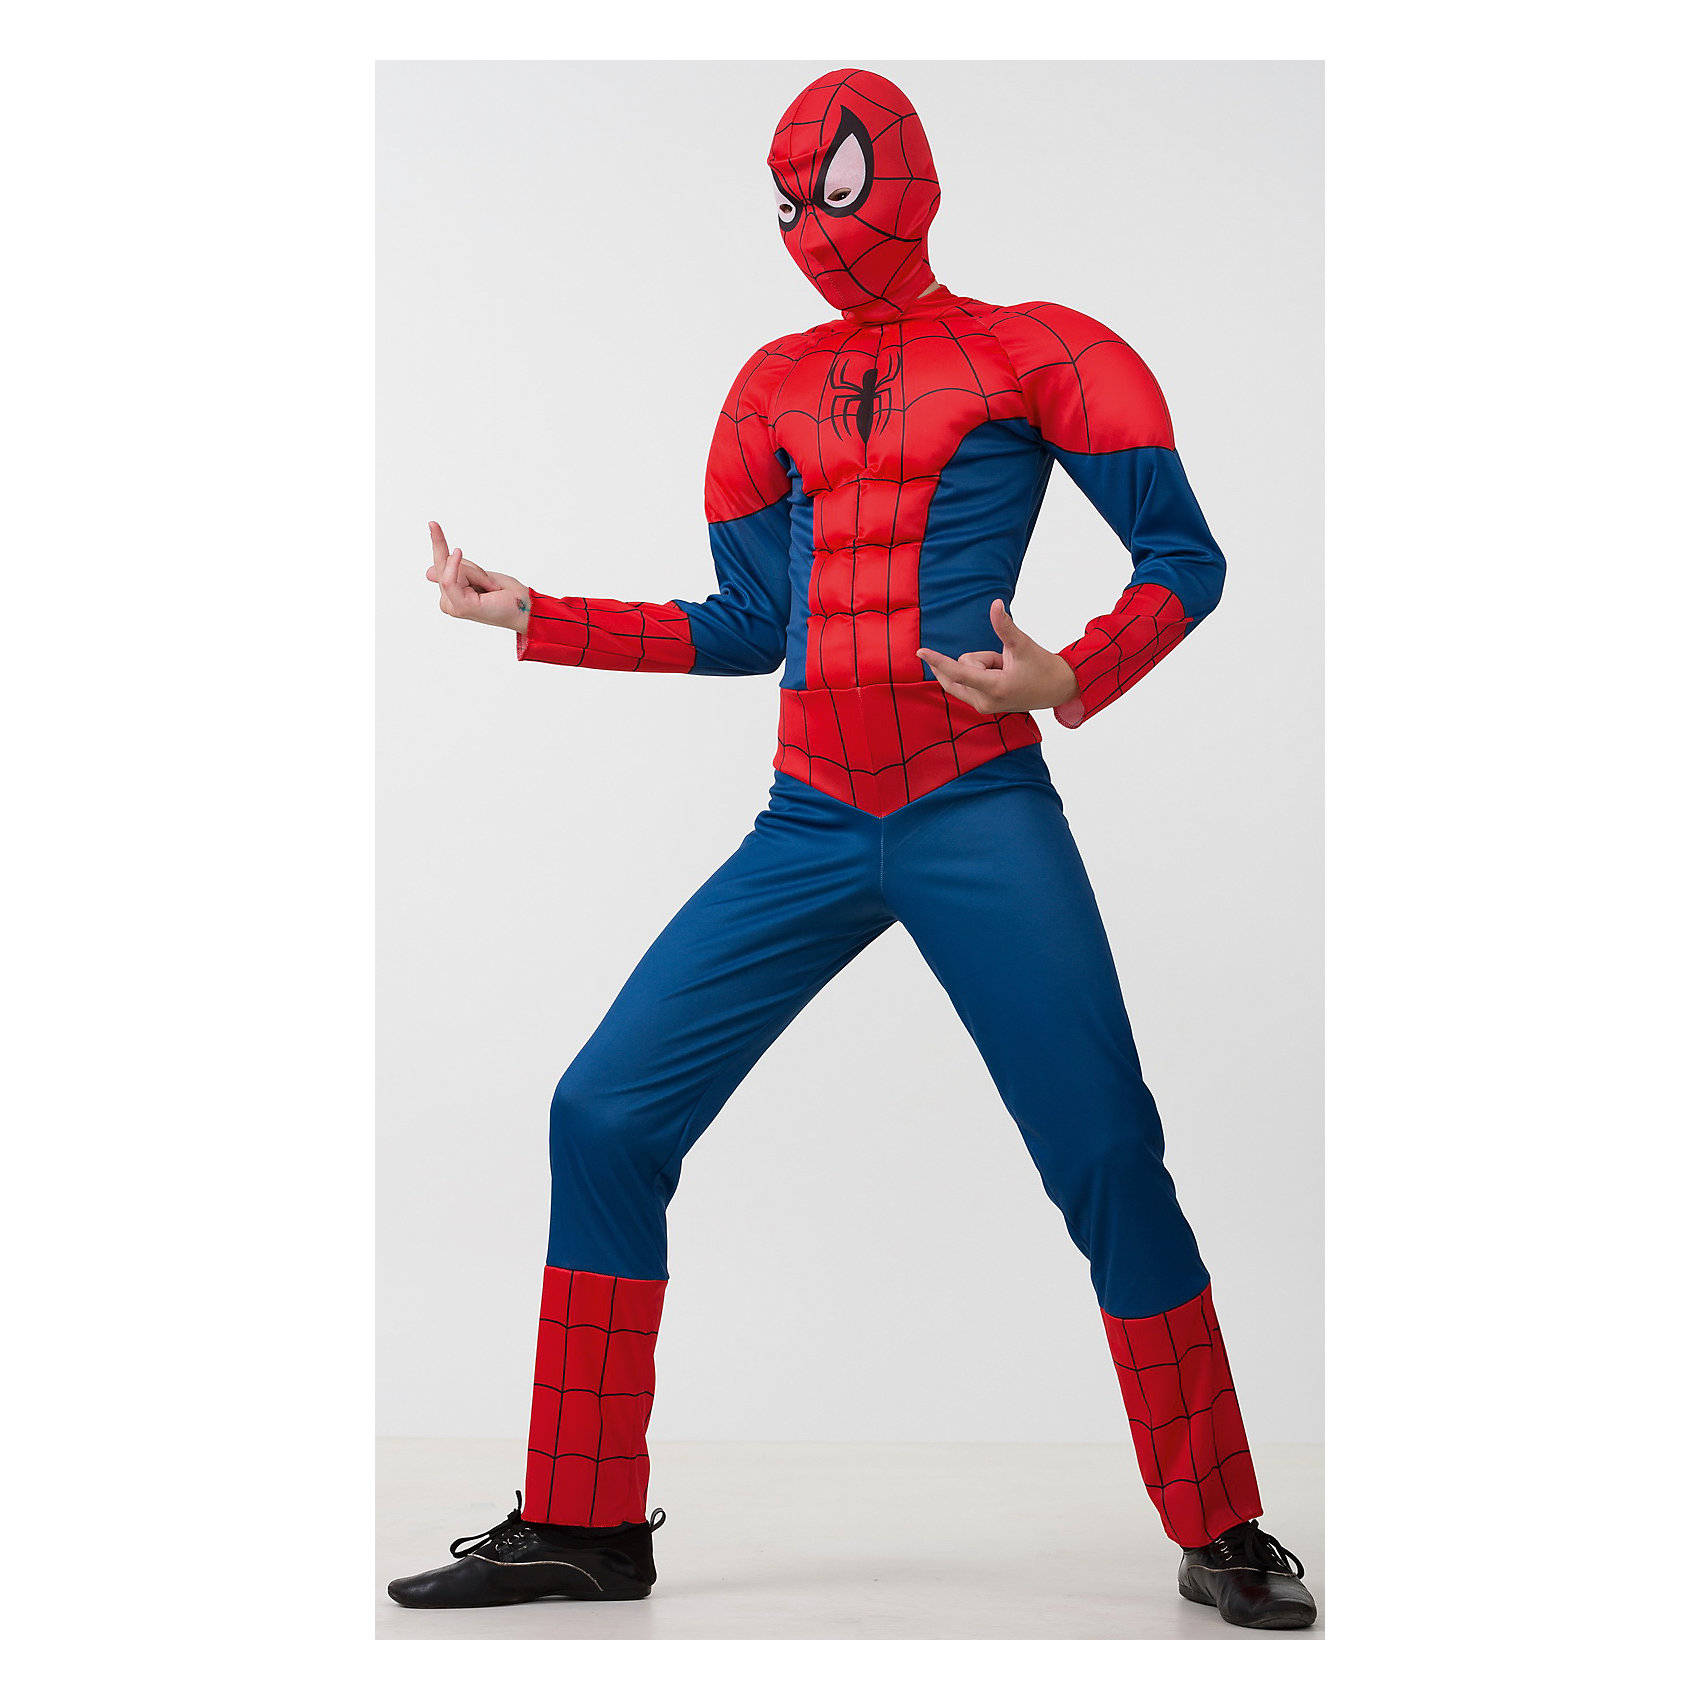 Карнавальный костюм Человек Паук, БатикМаски и карнавальные костюмы<br>Этот костюм приведет в восторг любого мальчишку! Наряд состоит из маски и удобного комбинезона с рельефными вставками, изображающими мышцы. Дети обожают перевоплощаться, позвольте вашему ребенку почувствовать себя королем вечера и получить настоящее удовольствие от самого волшебного праздника в году! Костюм выполнен из высококачественных экологичных материалов, в производстве ткани использованы только безопасные, гипоаллергенные красители.<br><br>Дополнительная информация:<br><br>- Материал: текстиль, пластик.<br>- Цвет: красный, синий.<br>- Комплектация: комбинезон, маска.<br>- Параметры для размера 32:<br>- обхват груди: 64 см.<br>- рост: 122 см.<br>  <br>Карнавальный костюм Человек Паук (Spider Man), Батик  можно купить в нашем магазине.<br><br>Ширина мм: 500<br>Глубина мм: 50<br>Высота мм: 700<br>Вес г: 600<br>Цвет: разноцветный<br>Возраст от месяцев: 60<br>Возраст до месяцев: 72<br>Пол: Мужской<br>Возраст: Детский<br>Размер: 30,28<br>SKU: 4412725